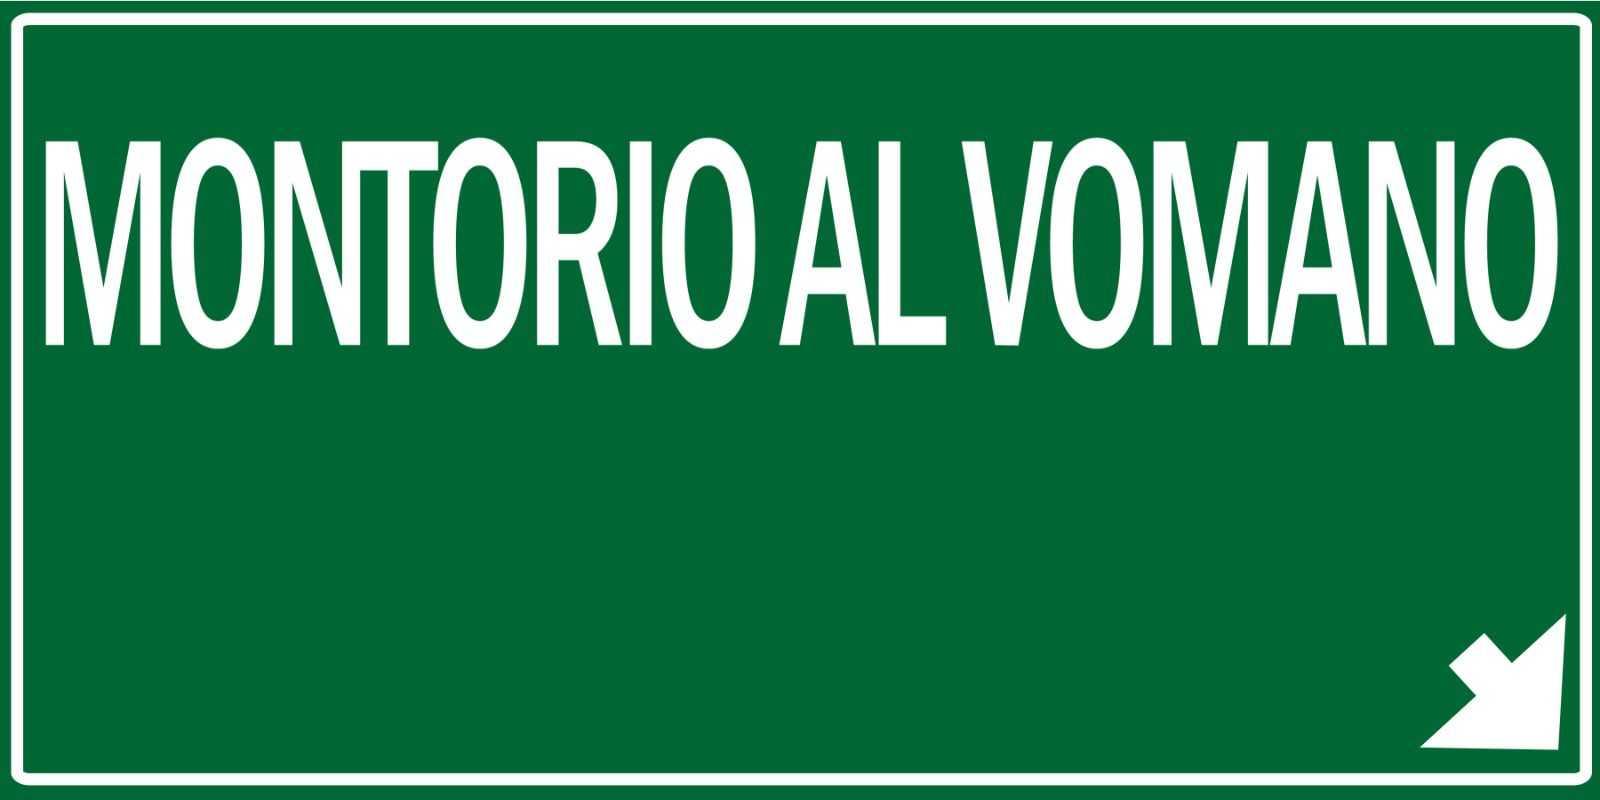 """montorio-avra-un'uscita-autostradale-in-2-anni.-altitonante:-""""risultato-importante-per-lo-sviluppo"""""""